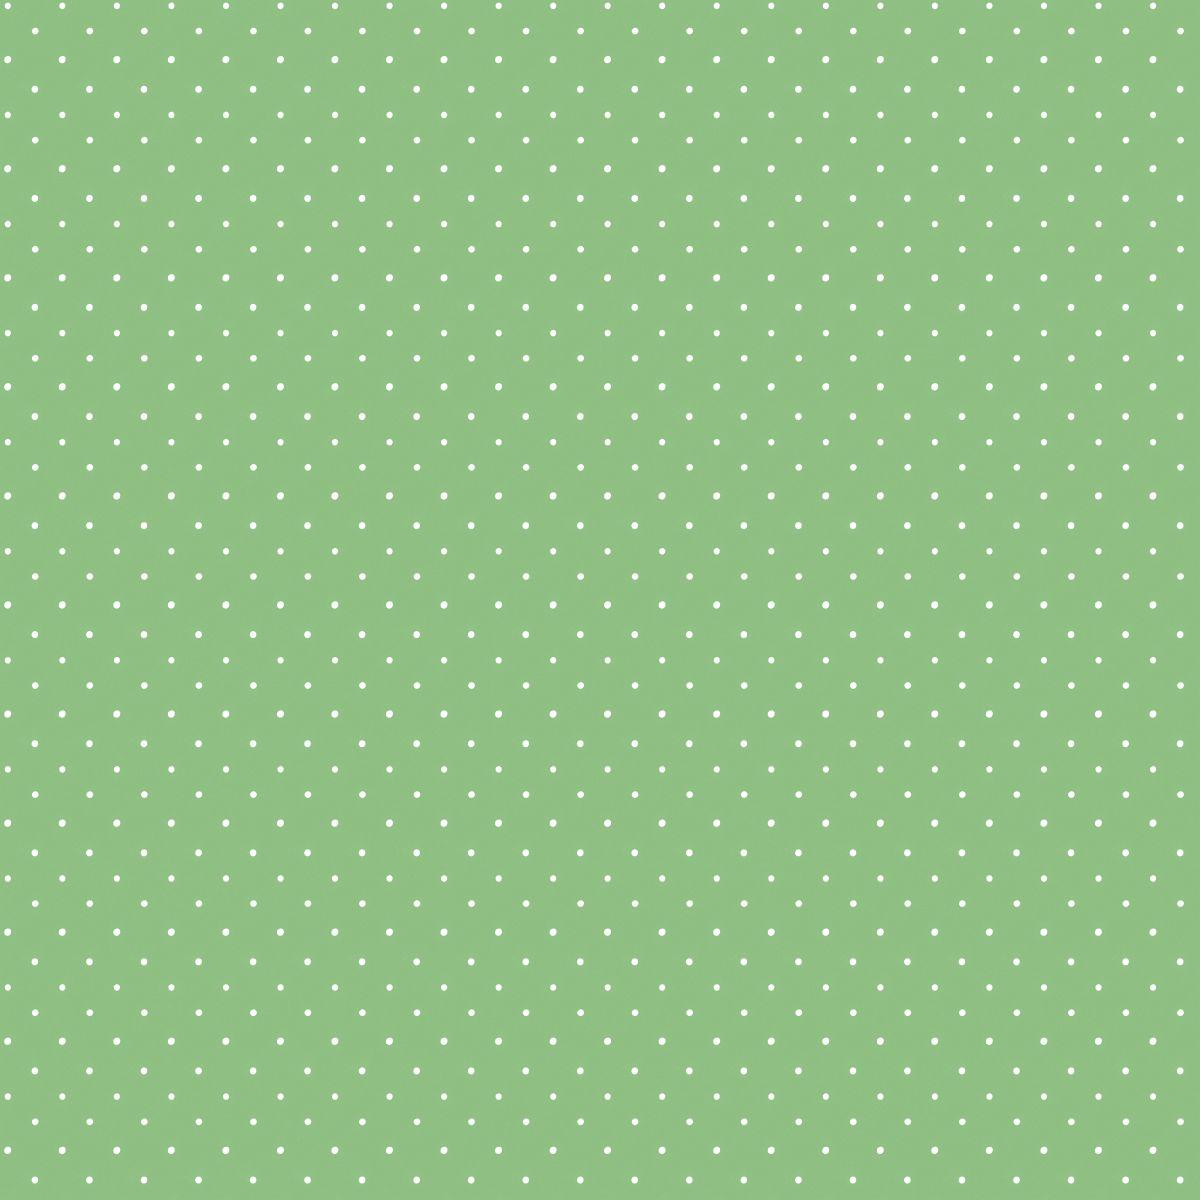 muster tapete g56051 - Muster Tapeten